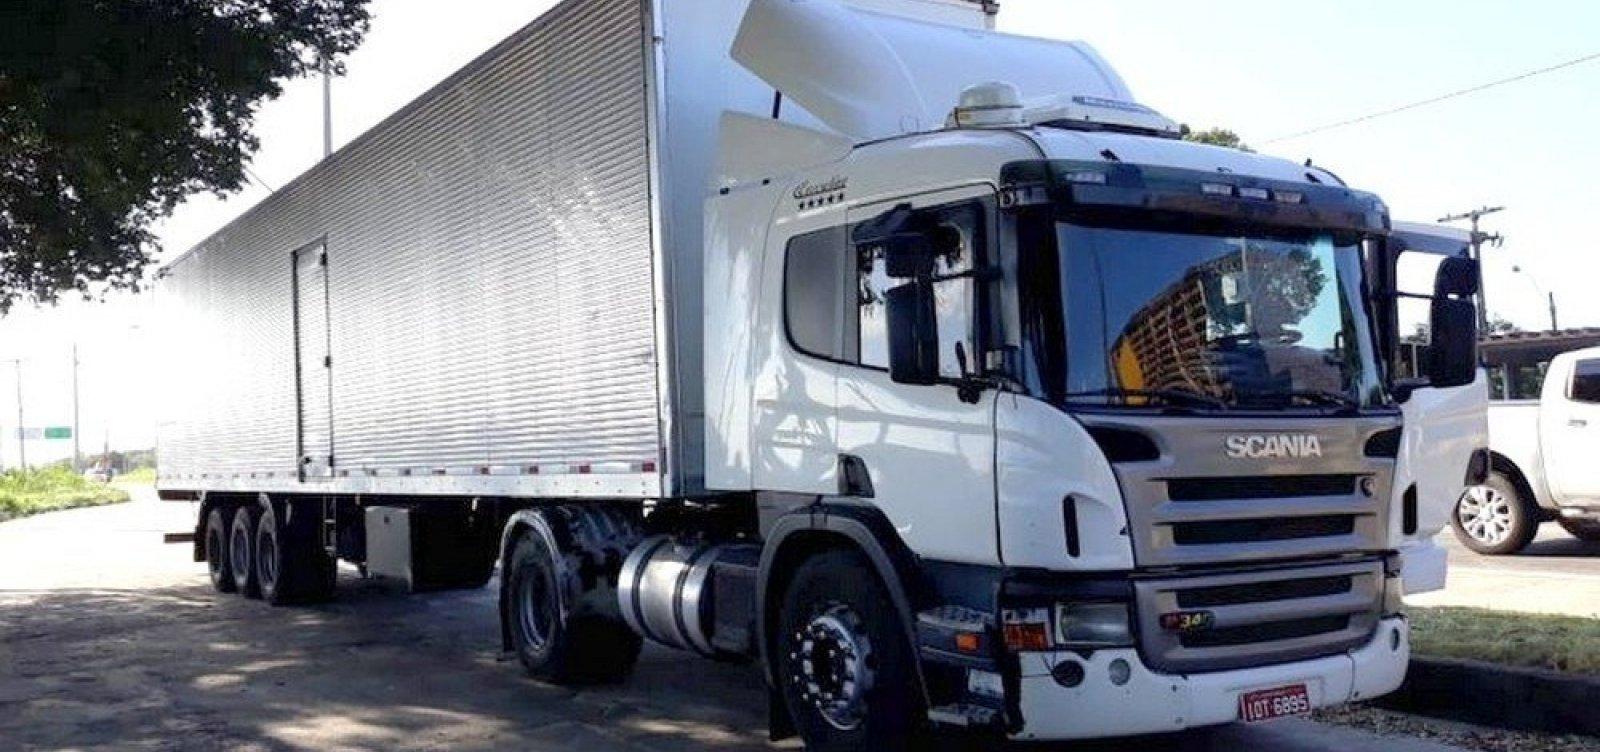 Homens roubam 24 toneladas de bebida alcoólica em caminhão na BR-101